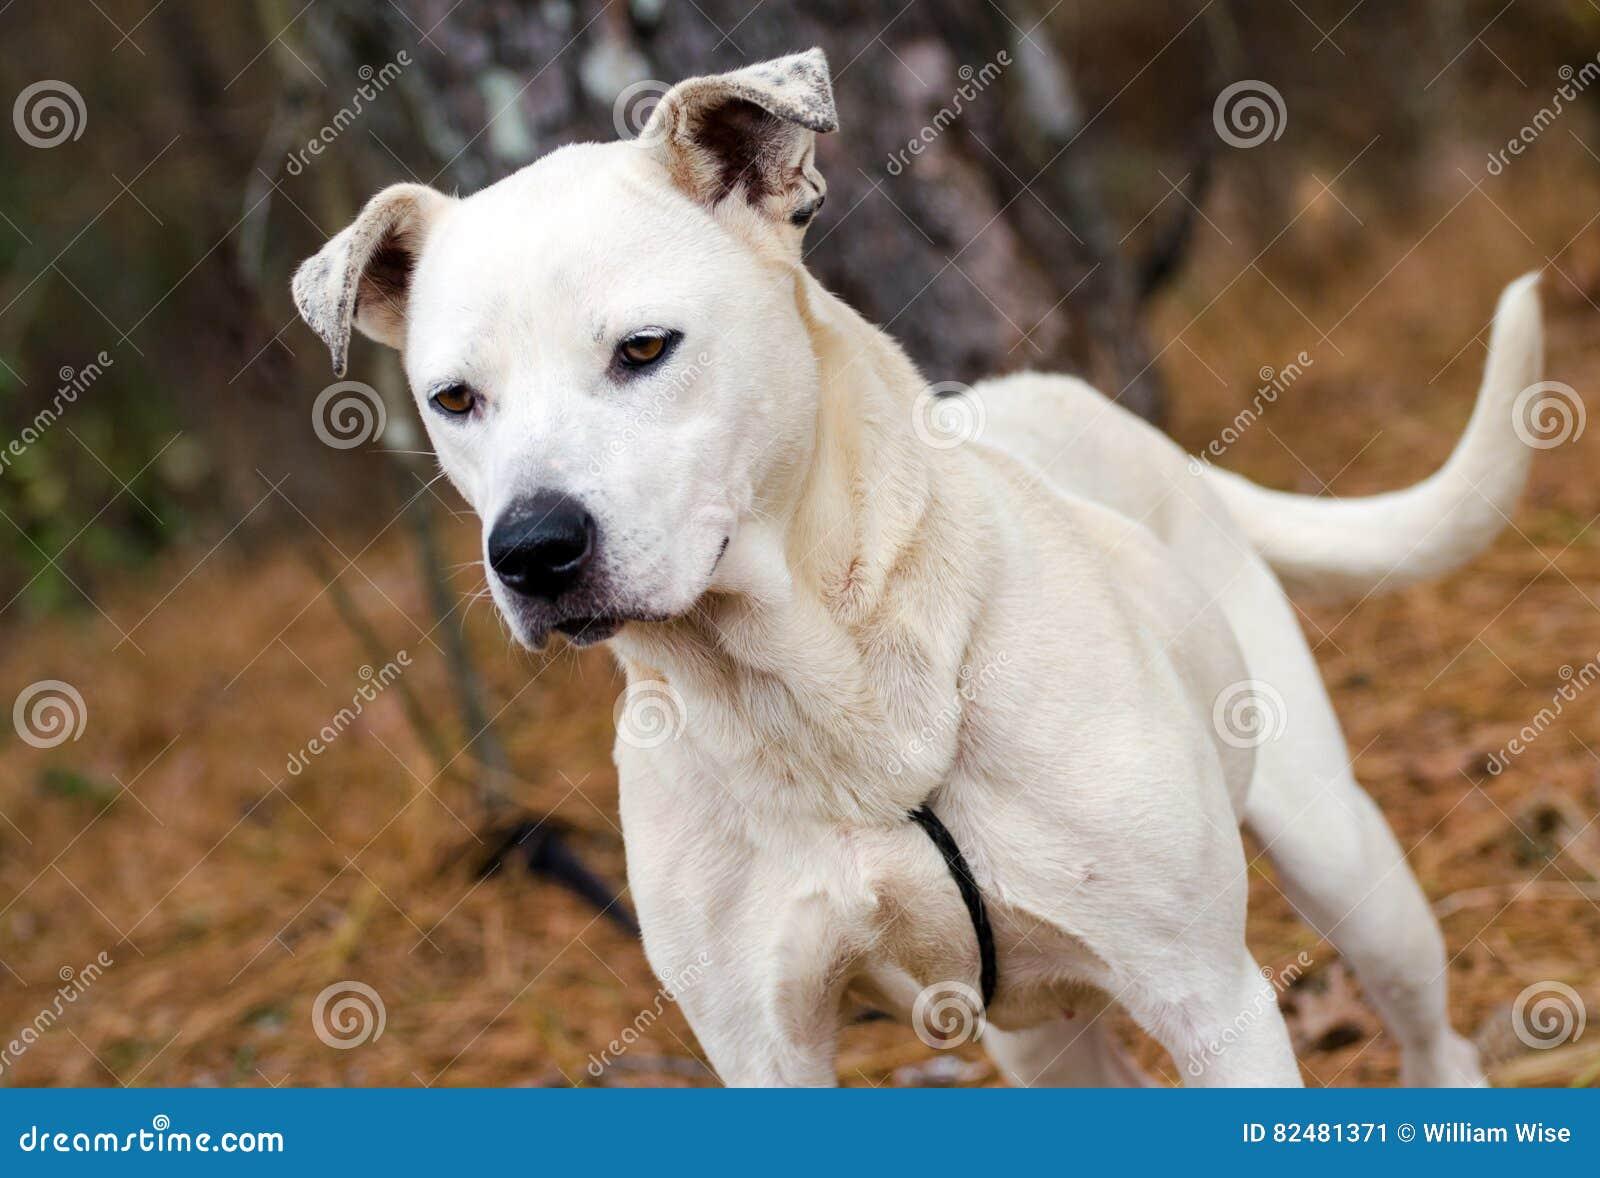 White Mixed Breed Dog Adoption Walton County Animal Control